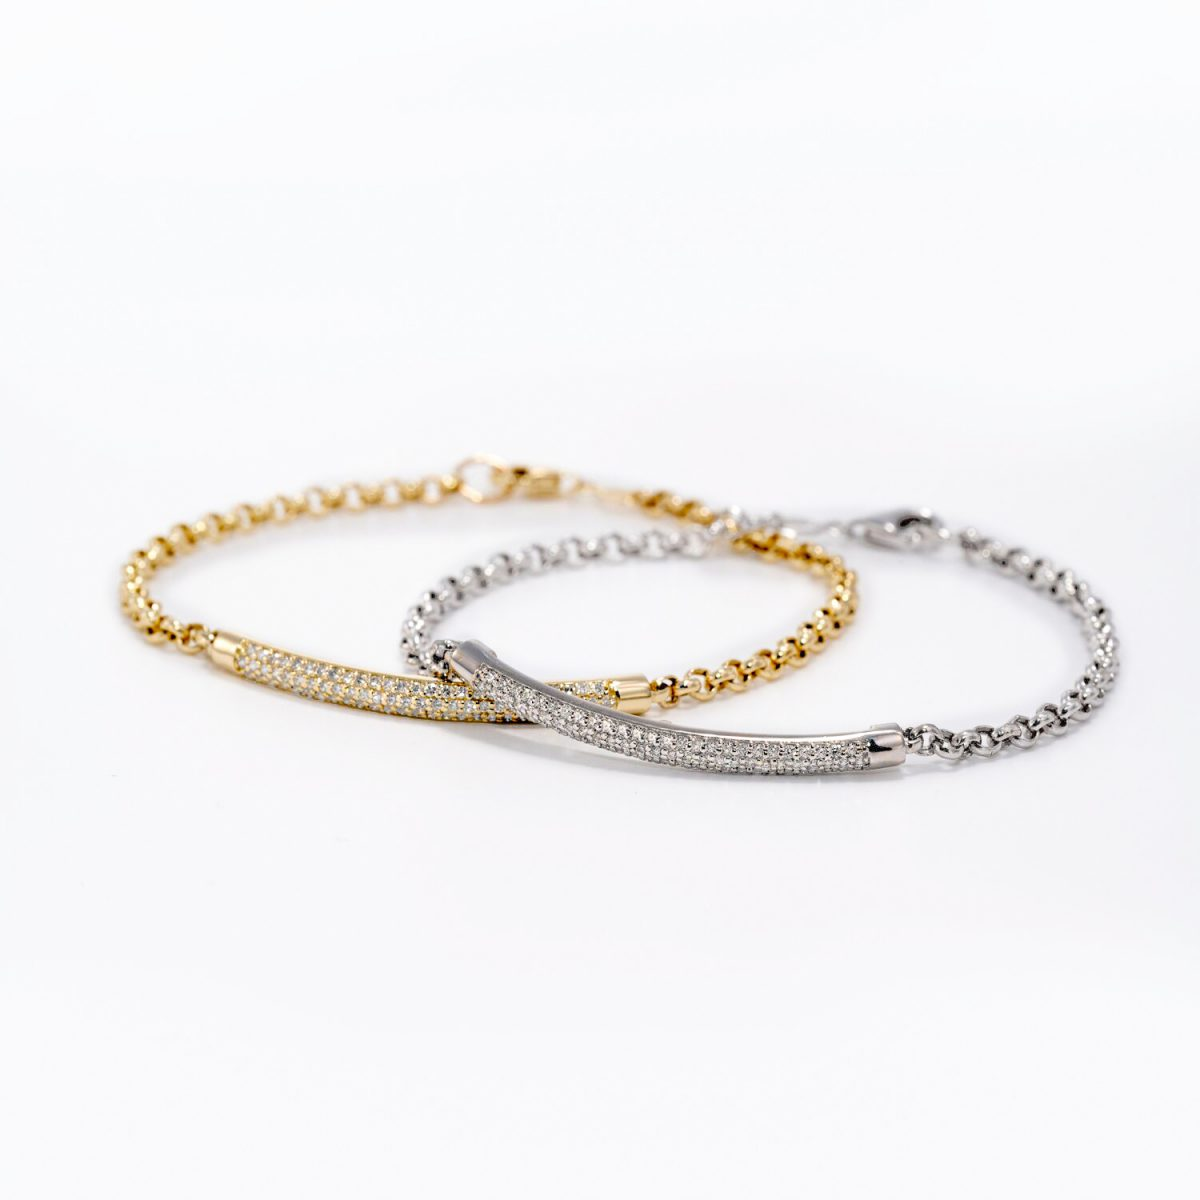 צמיד זהב - מעיין